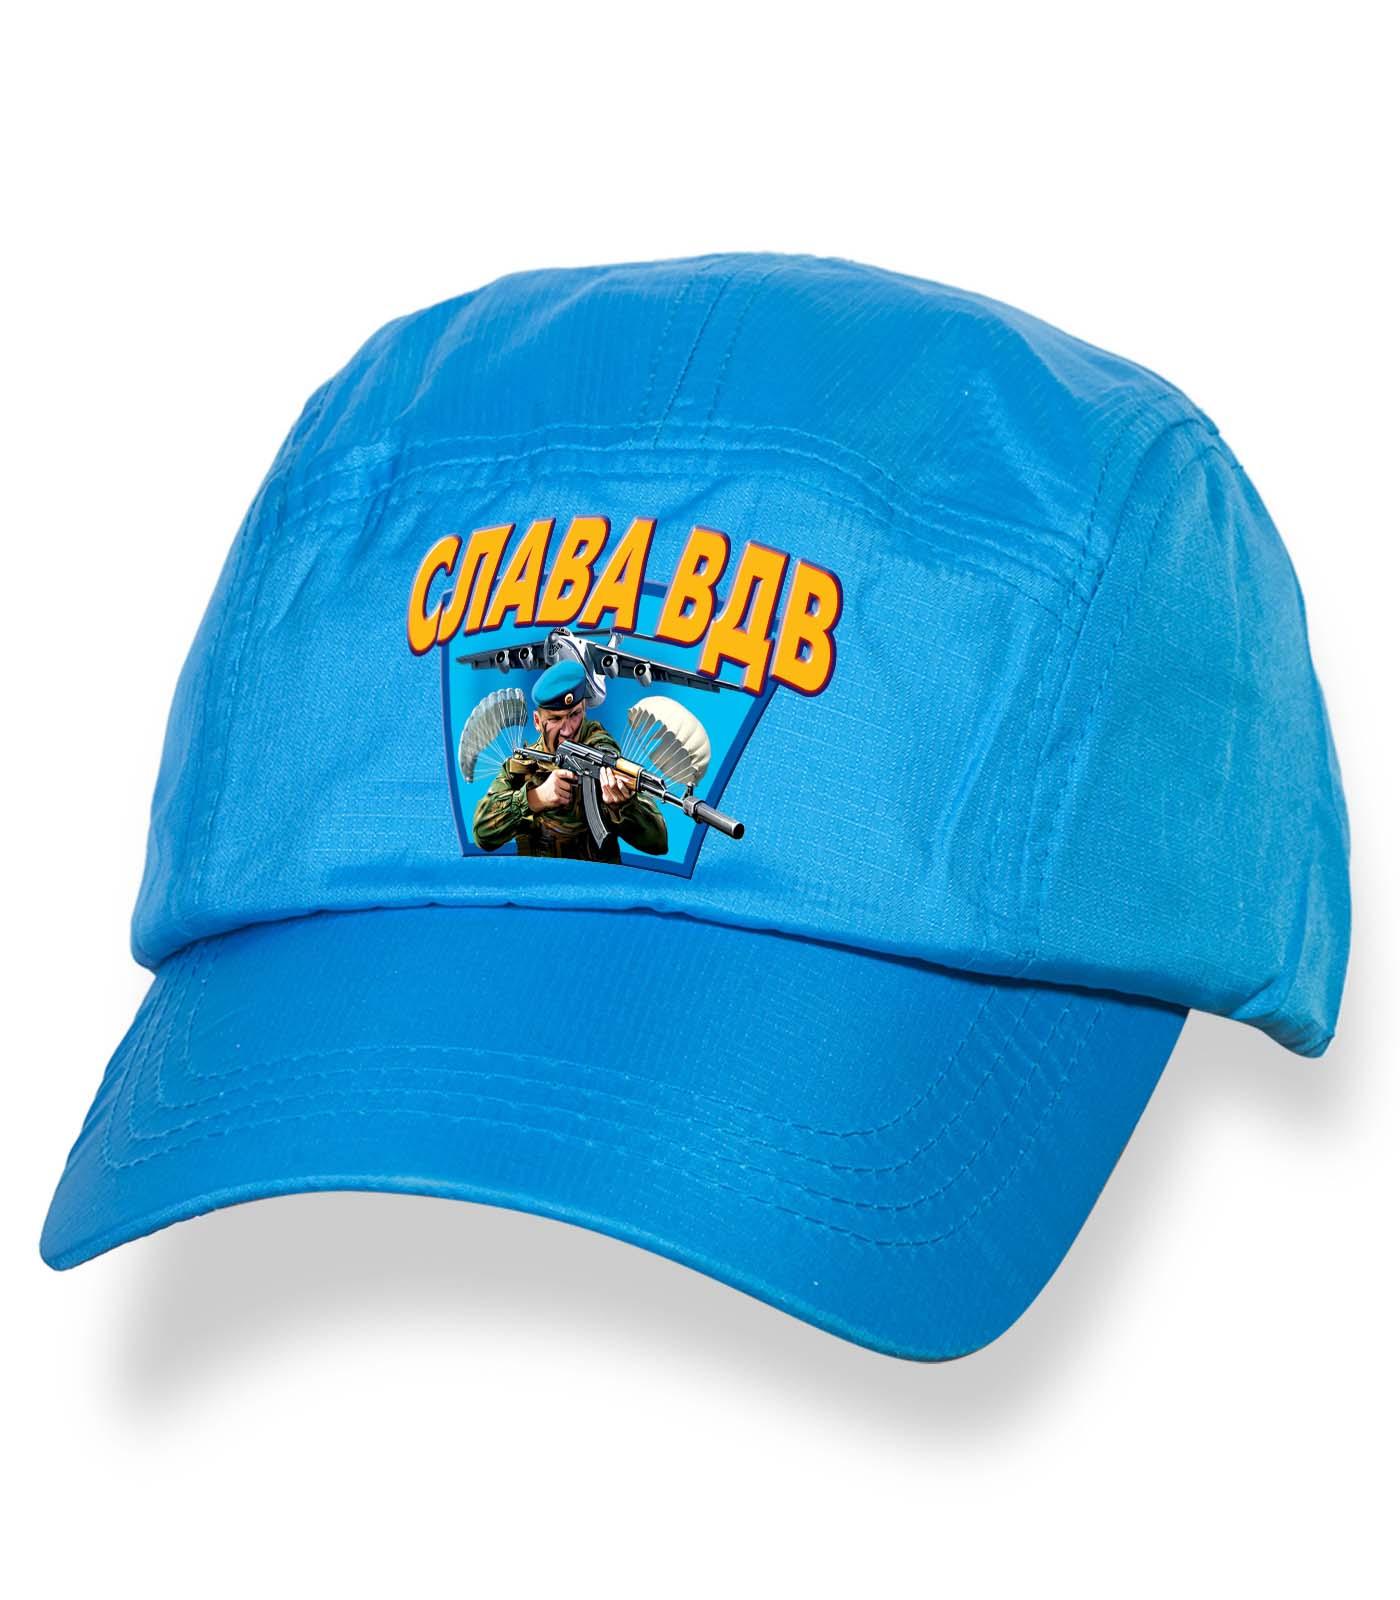 Голубая надежная кепка-пятипанелька с термонаклейкой Слава ВДВ